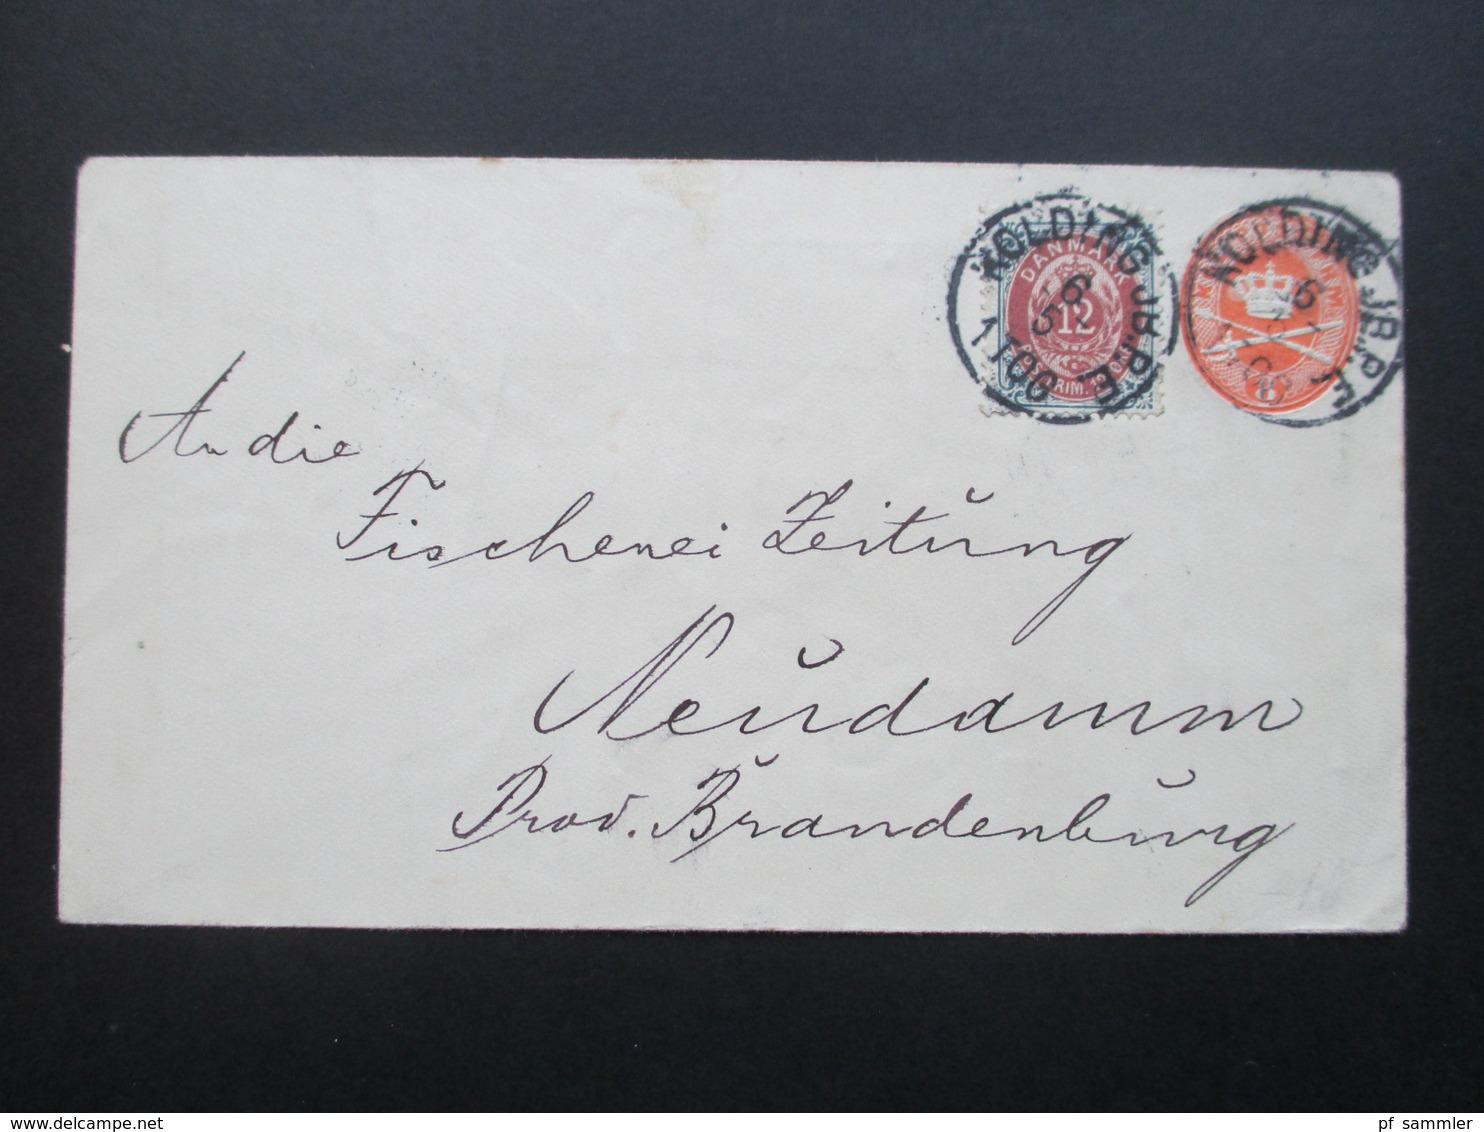 Dänemark 1898 Ganzsachenumschlag Mit Zusatzfrankatur.Kolding JB. P.E. An Die Fischerei Zeitung Neudamm Prov. Brandenburg - 1864-04 (Christian IX)